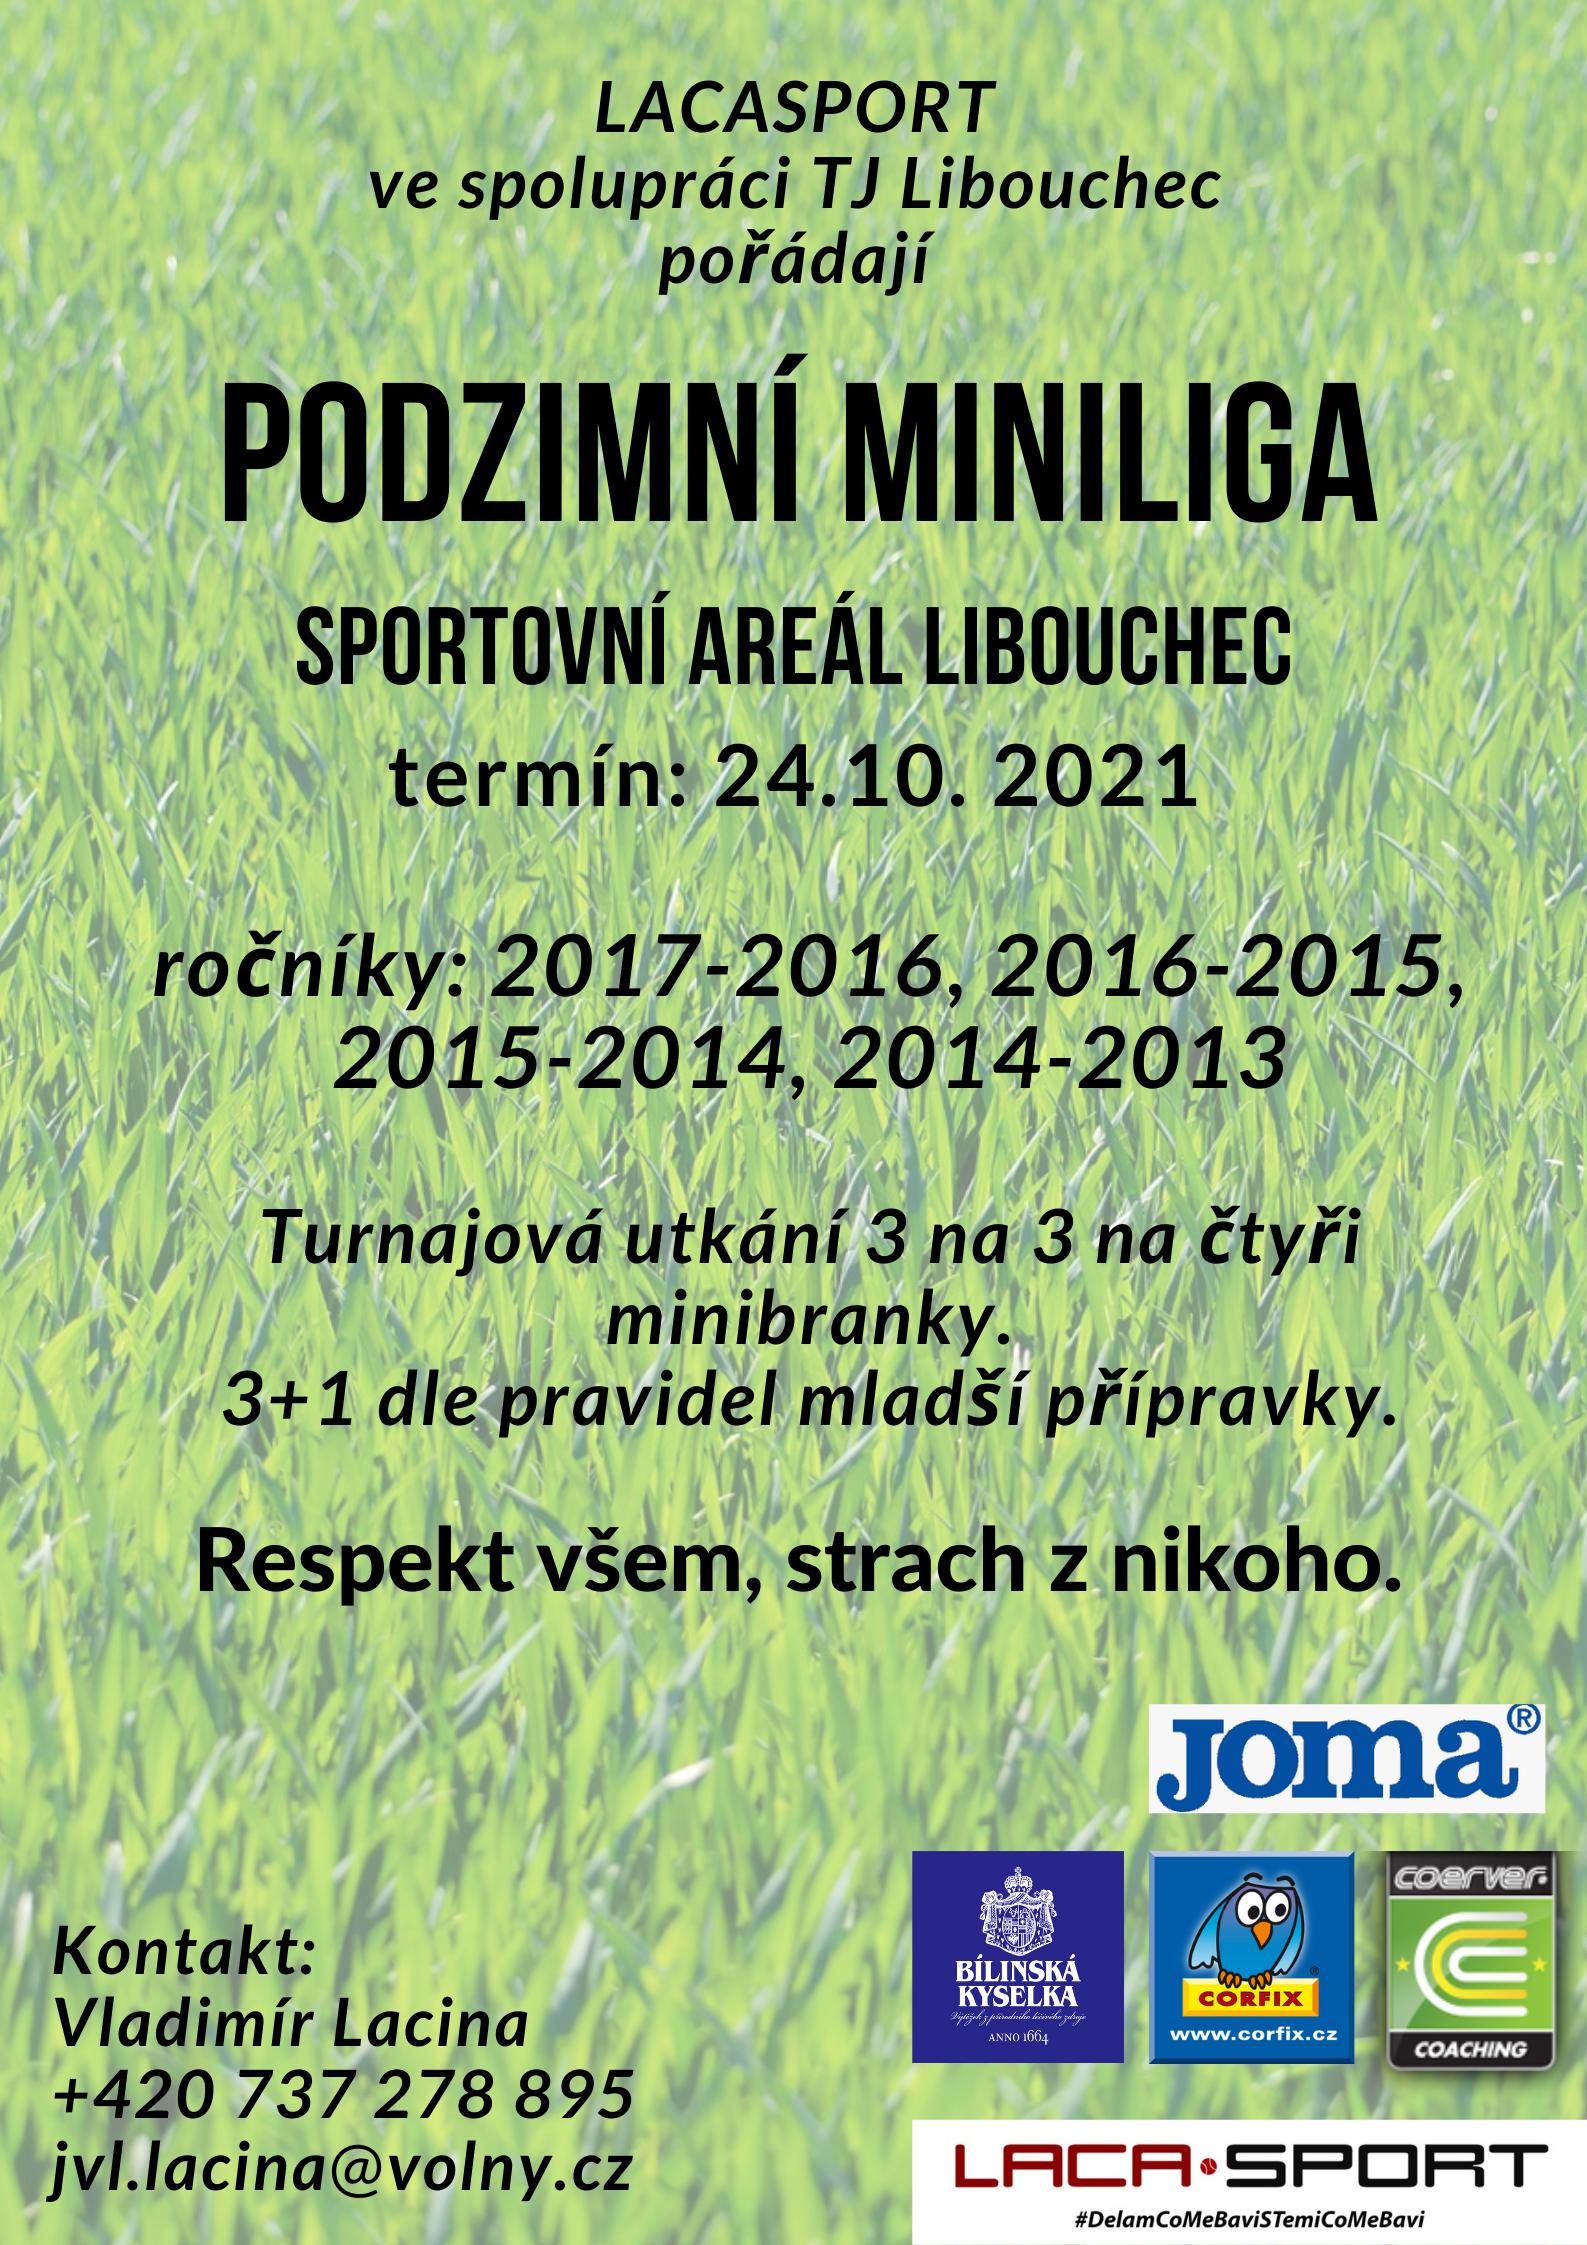 podzimni_miniliga2_2021